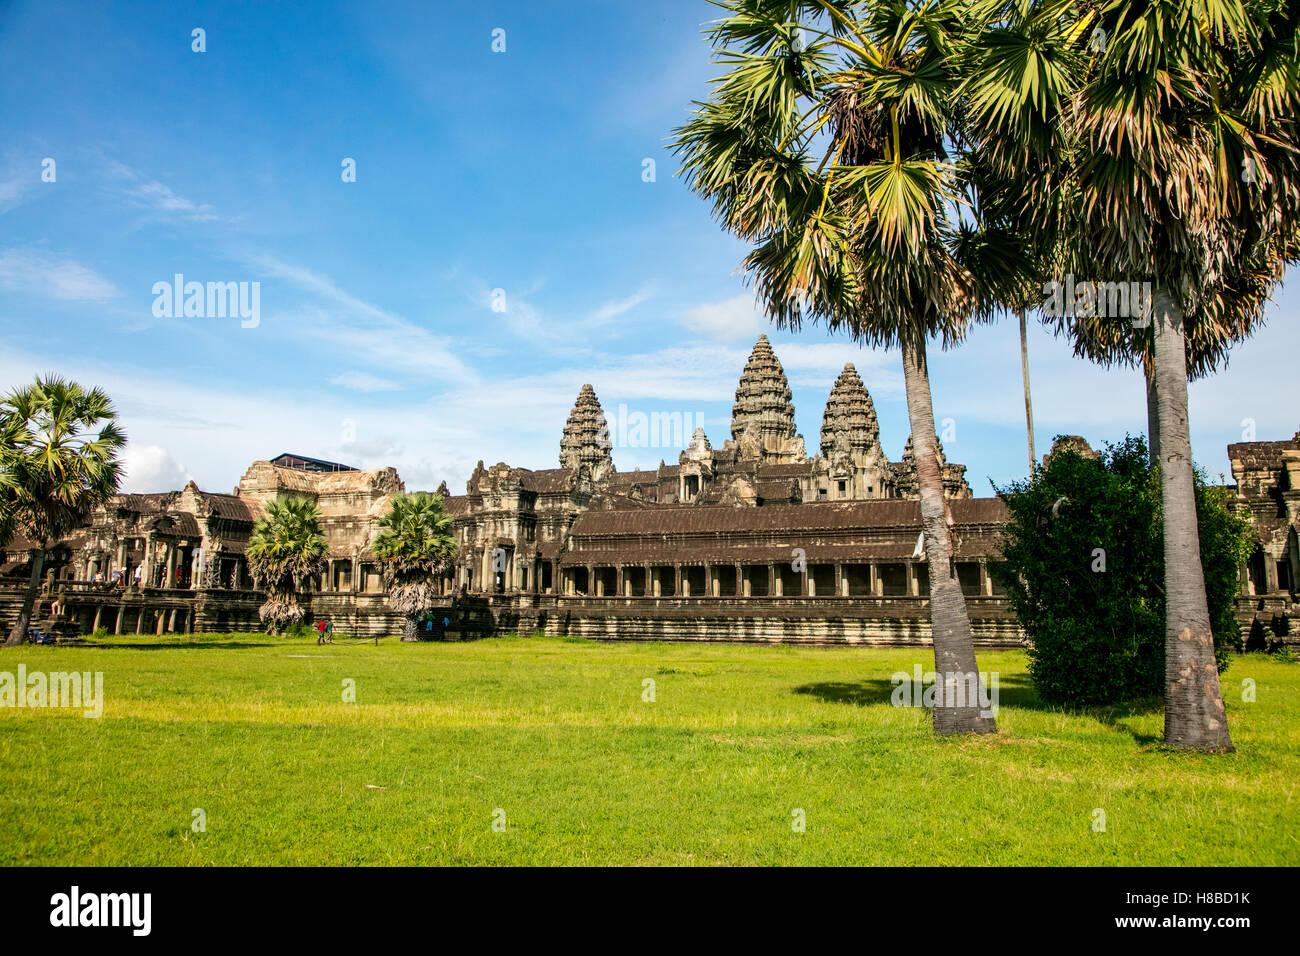 Angkor Wat, Angkor, Cambodia - Stock Image